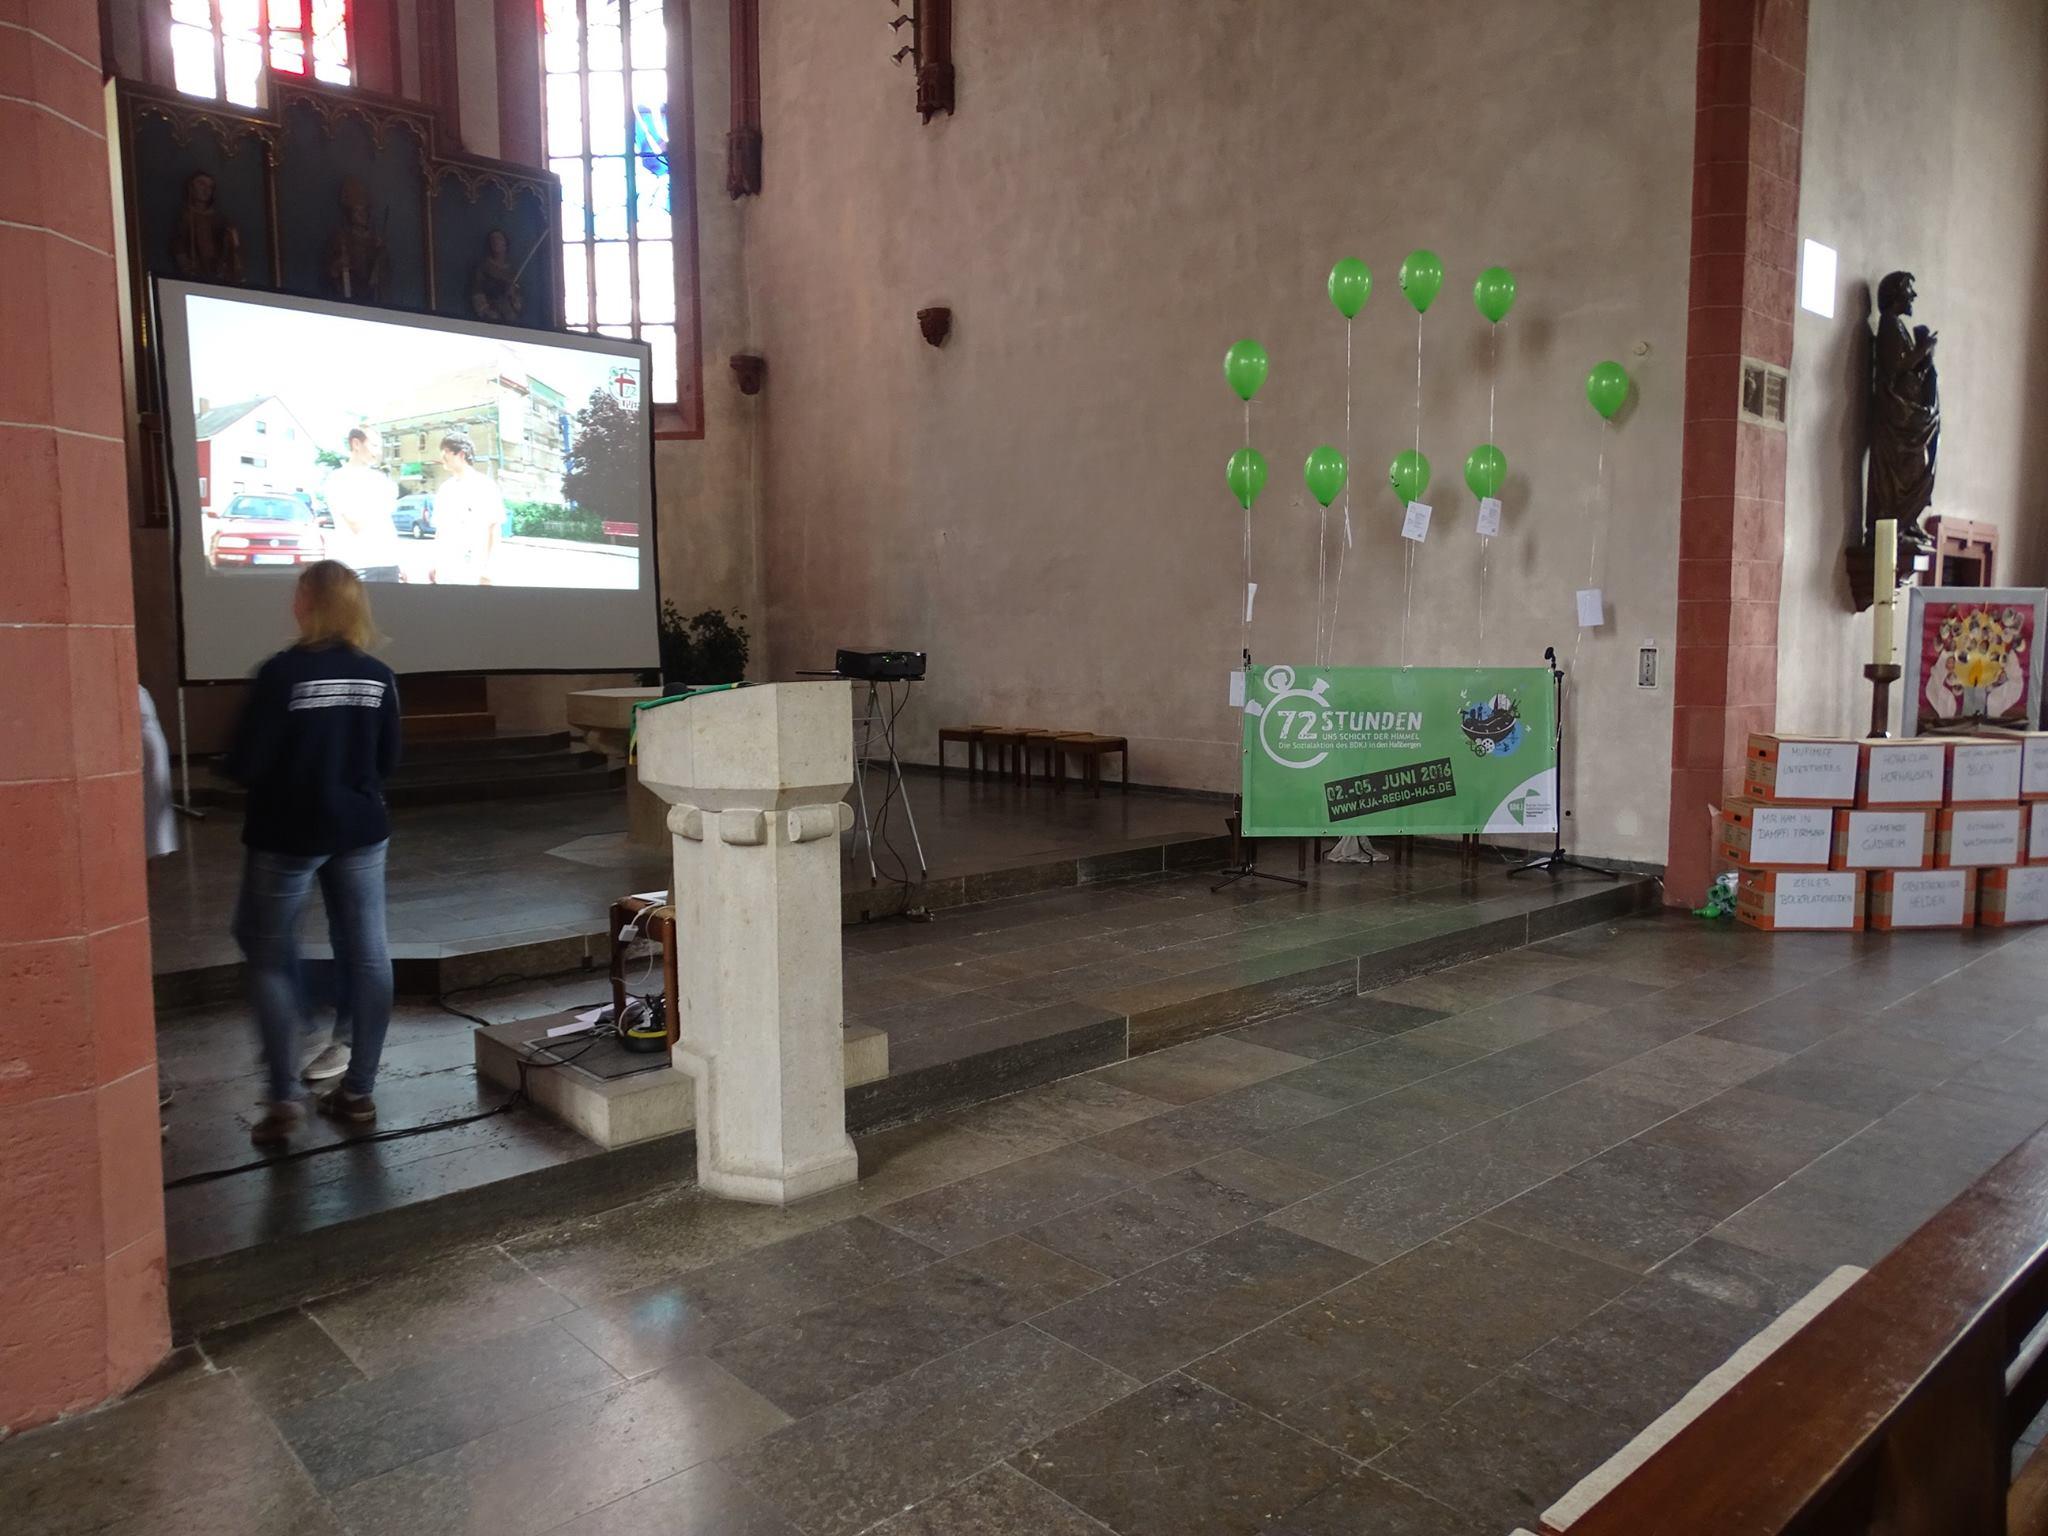 Eröffnungsfeier in Haßfurt - die 72 Stunden laufen :)